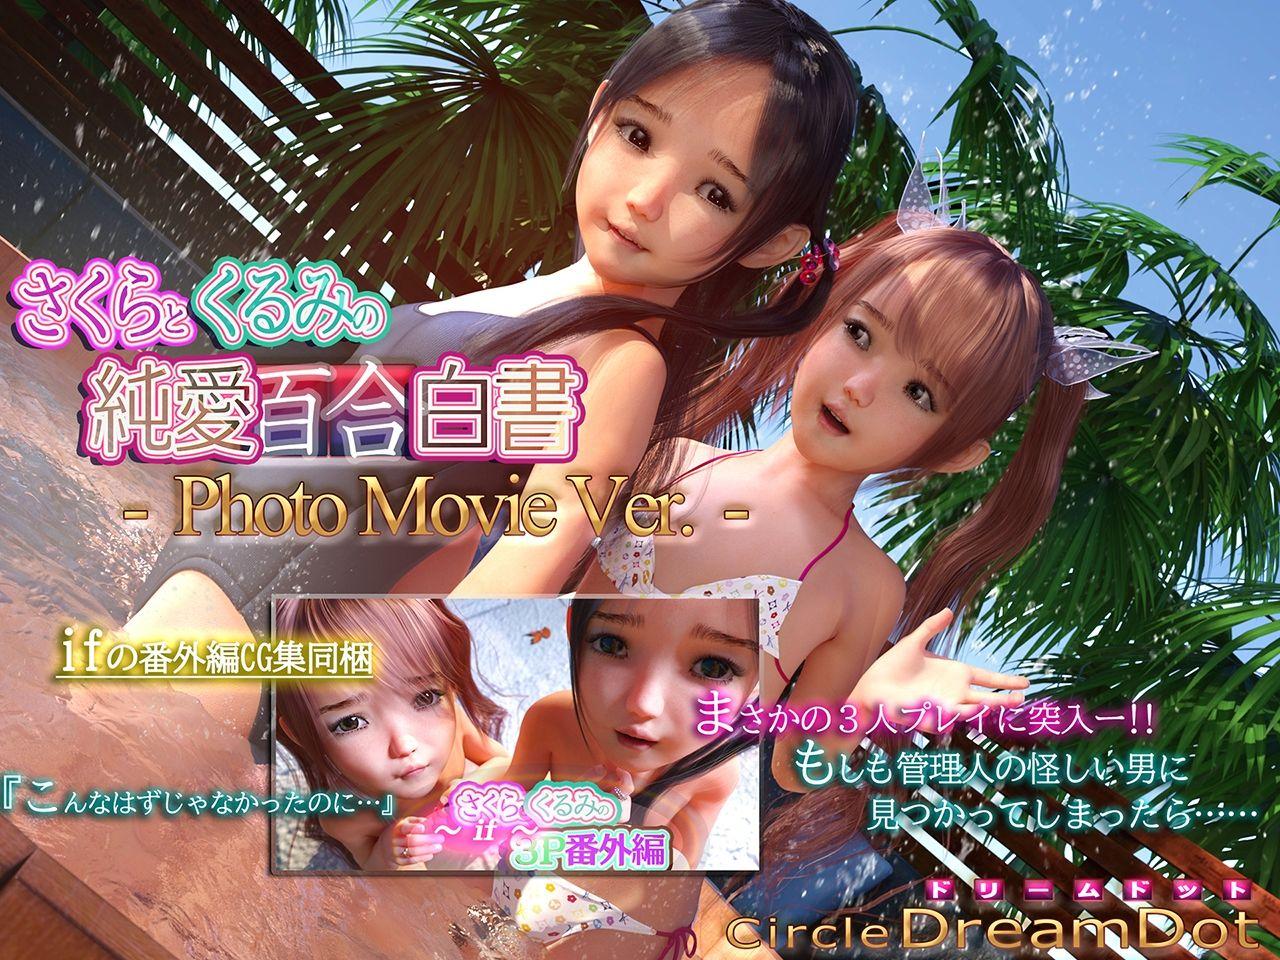 さくらとくるみの純愛百合白書 PhotoMovieVer.1